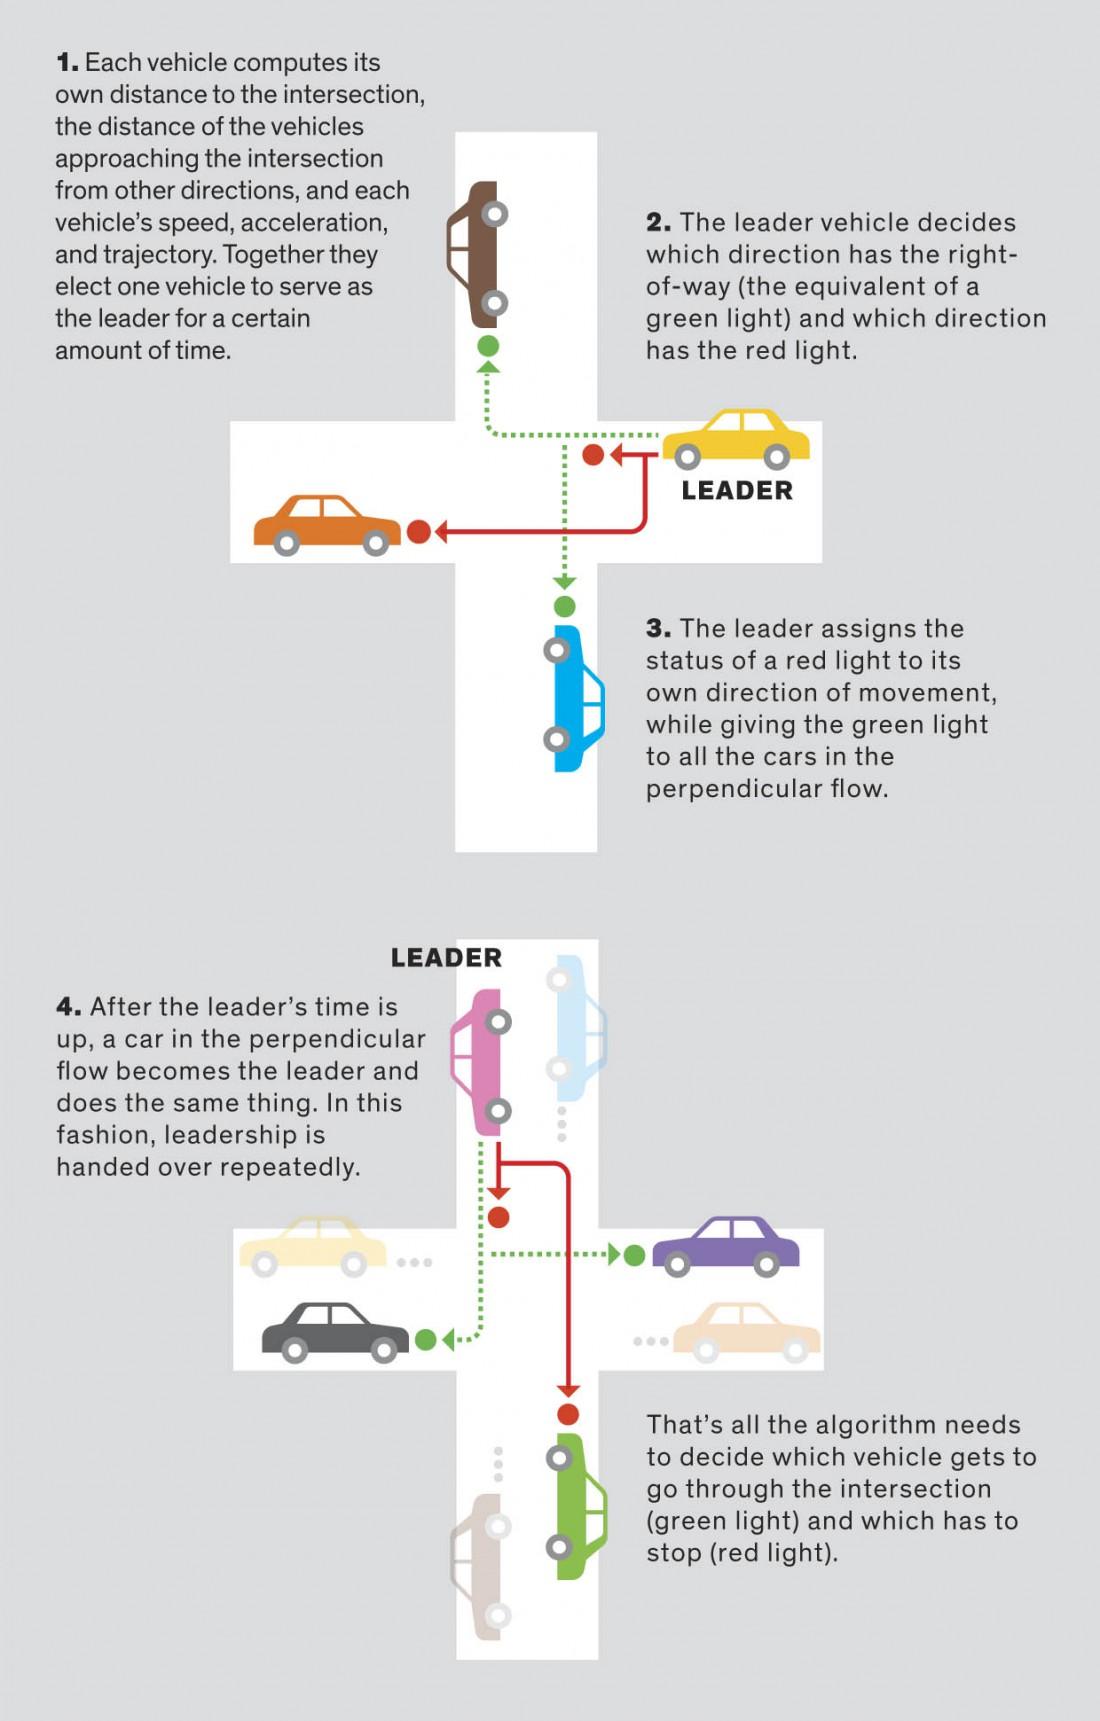 На этой инфографике видно, как реализовывается алгоритм выбора